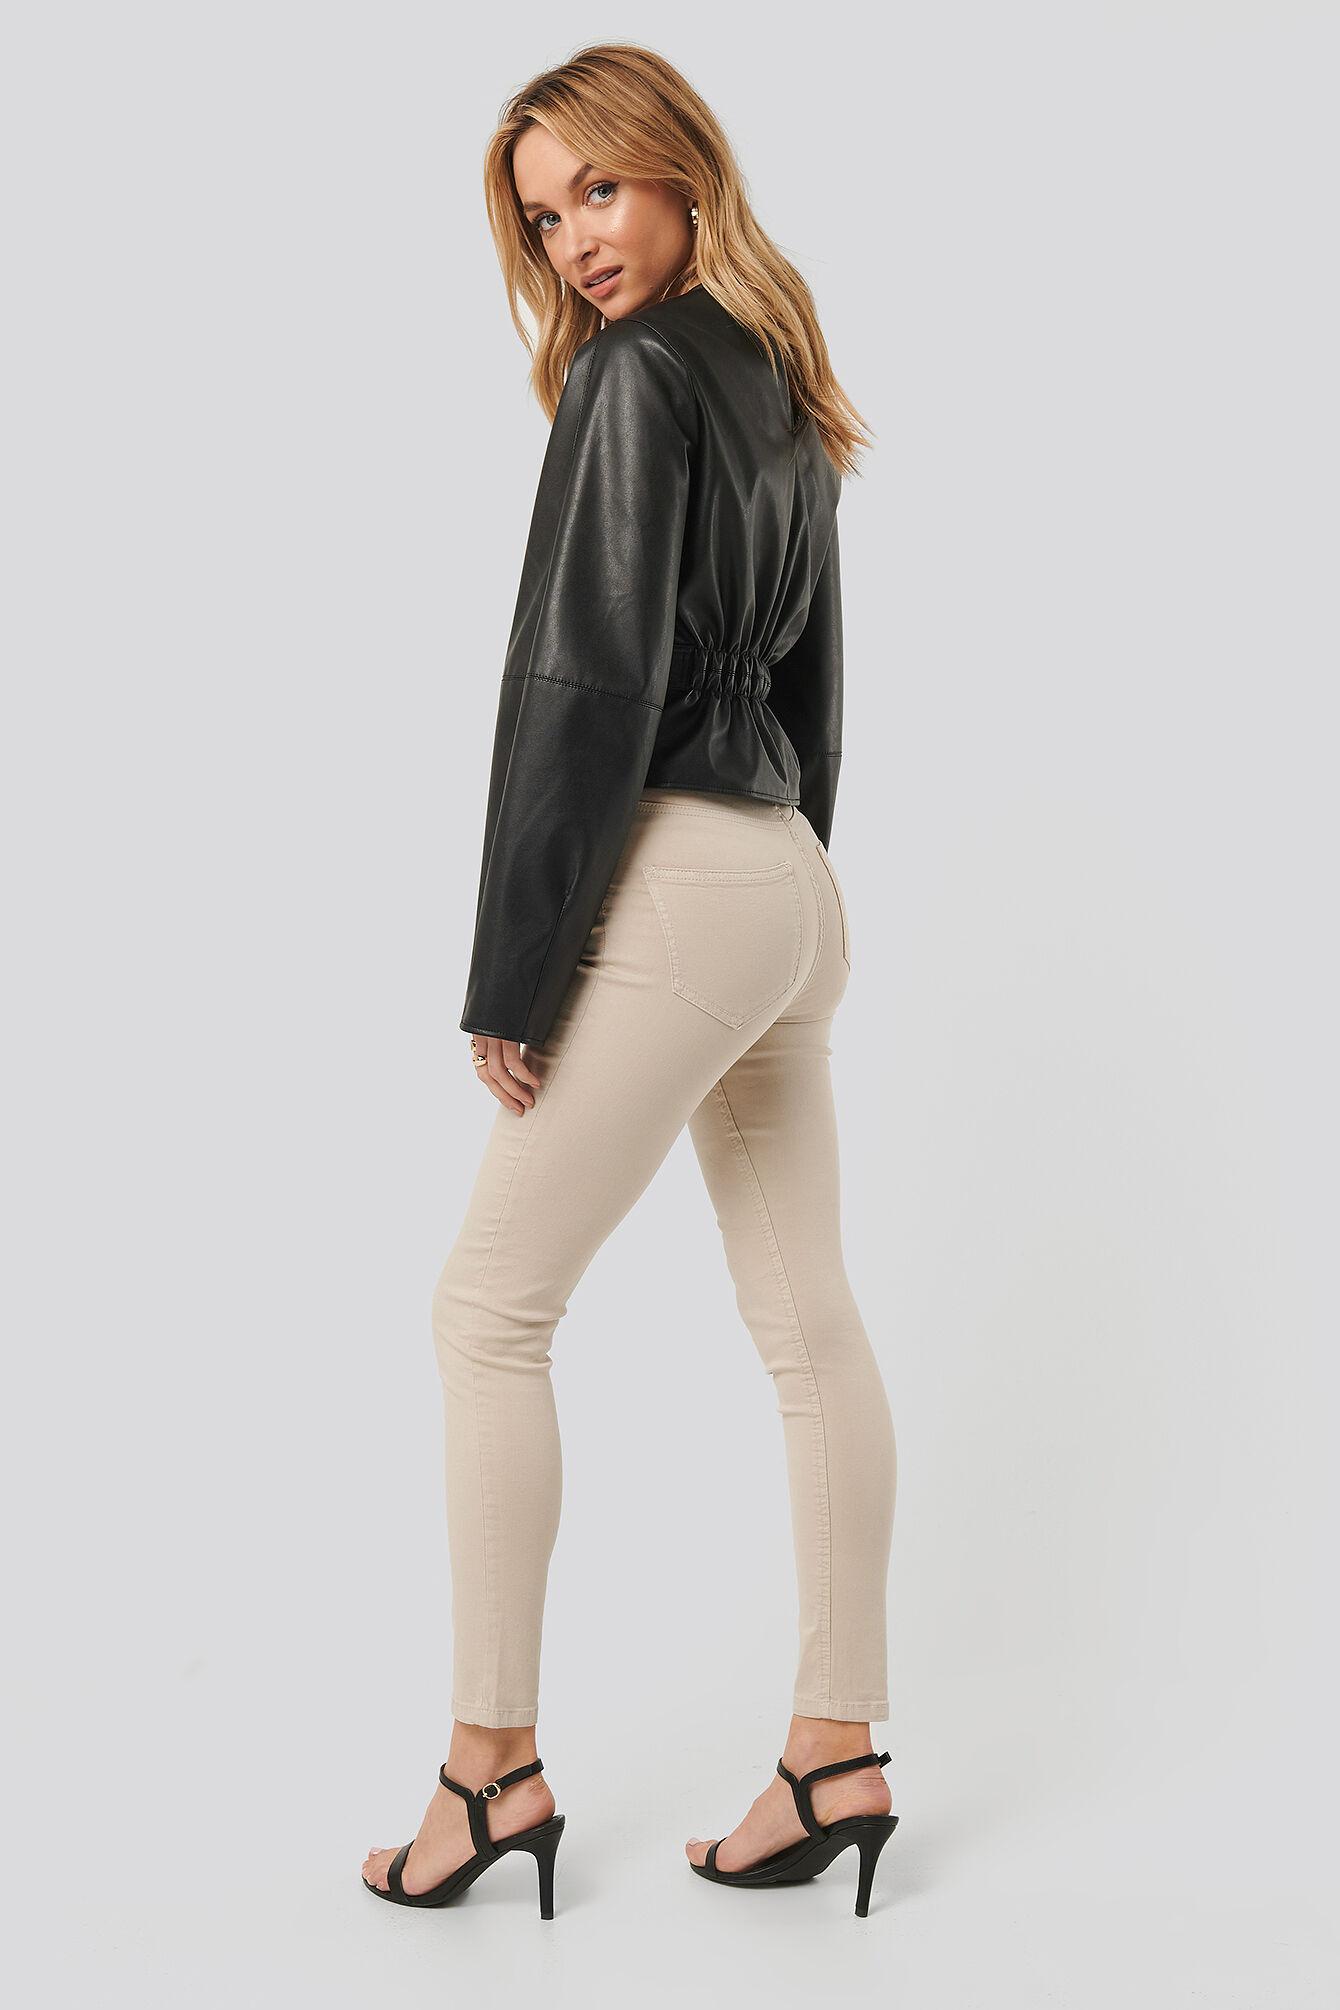 NA-KD High Waist Skinny Denim Jeans - Beige  - Size: EU 32,EU 34,EU 36,EU 38,EU 40,EU 42